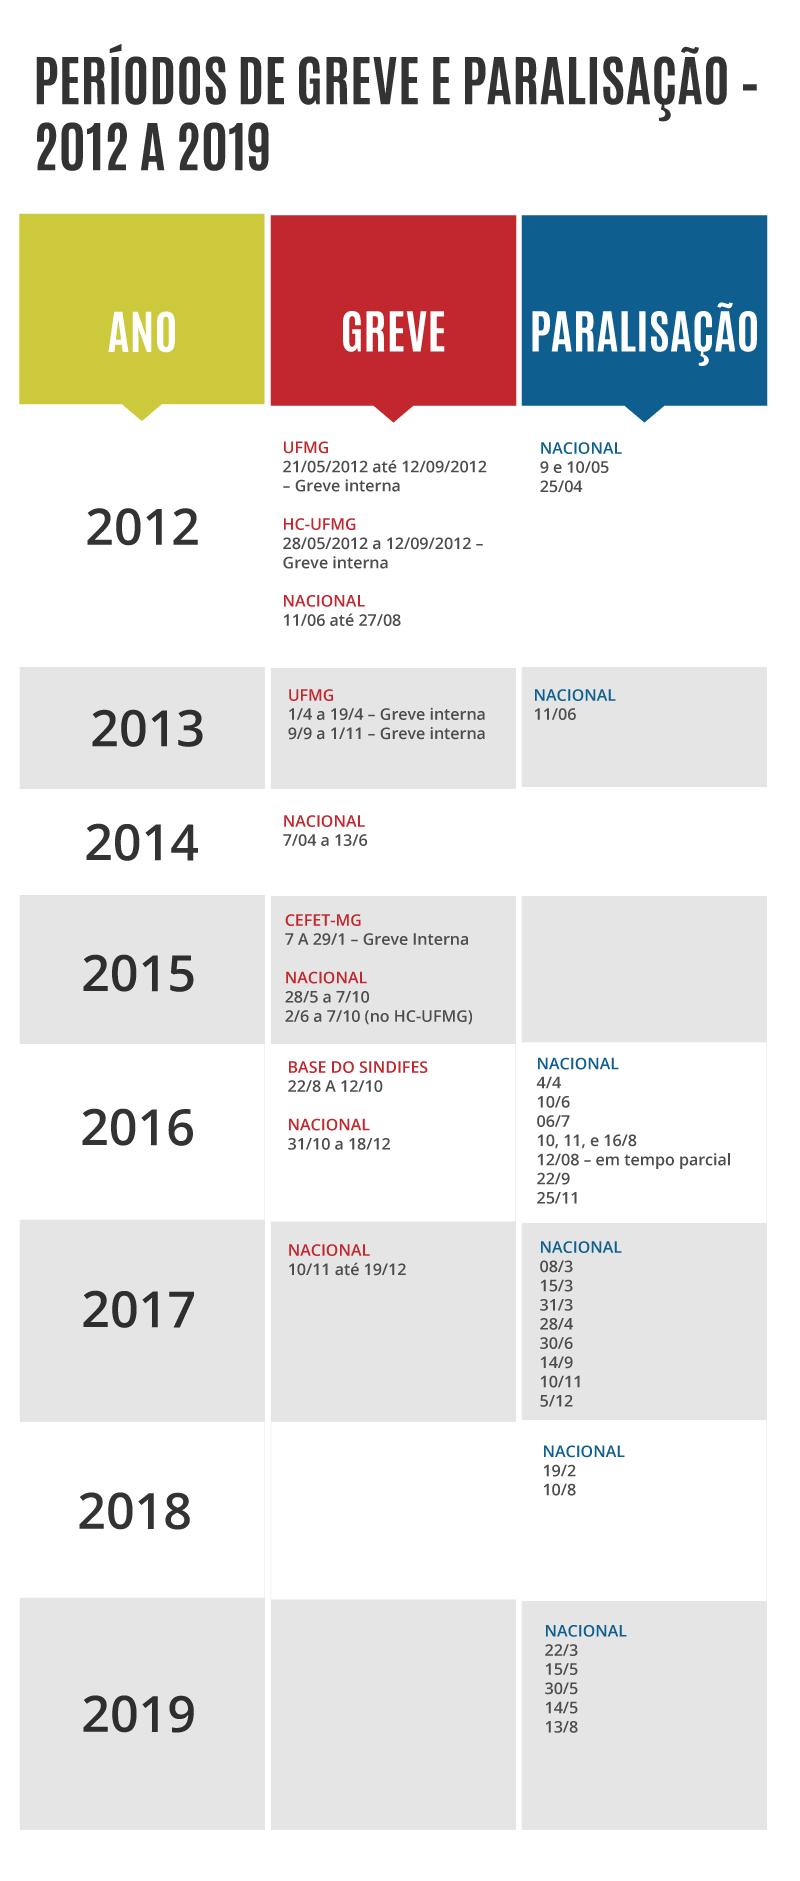 Períodos de Greve e Paralisação - 2012 a 2019 1